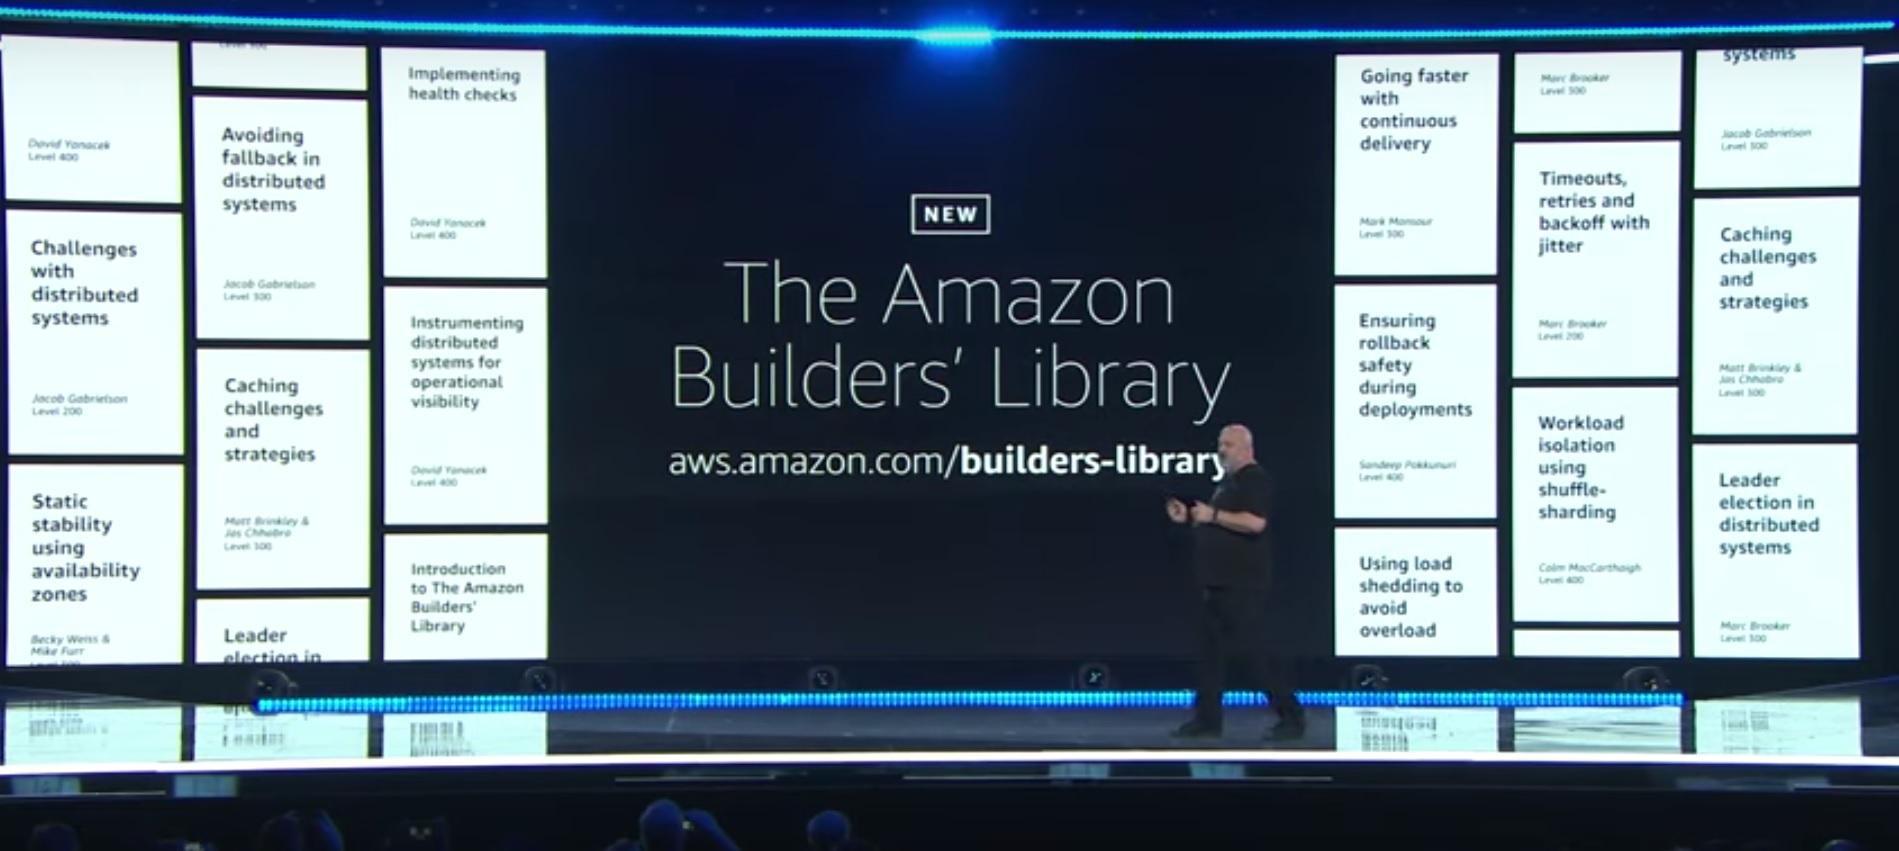 Industrie 4.0 : les usines ont besoin de beaucoup plus de données selon Amazon